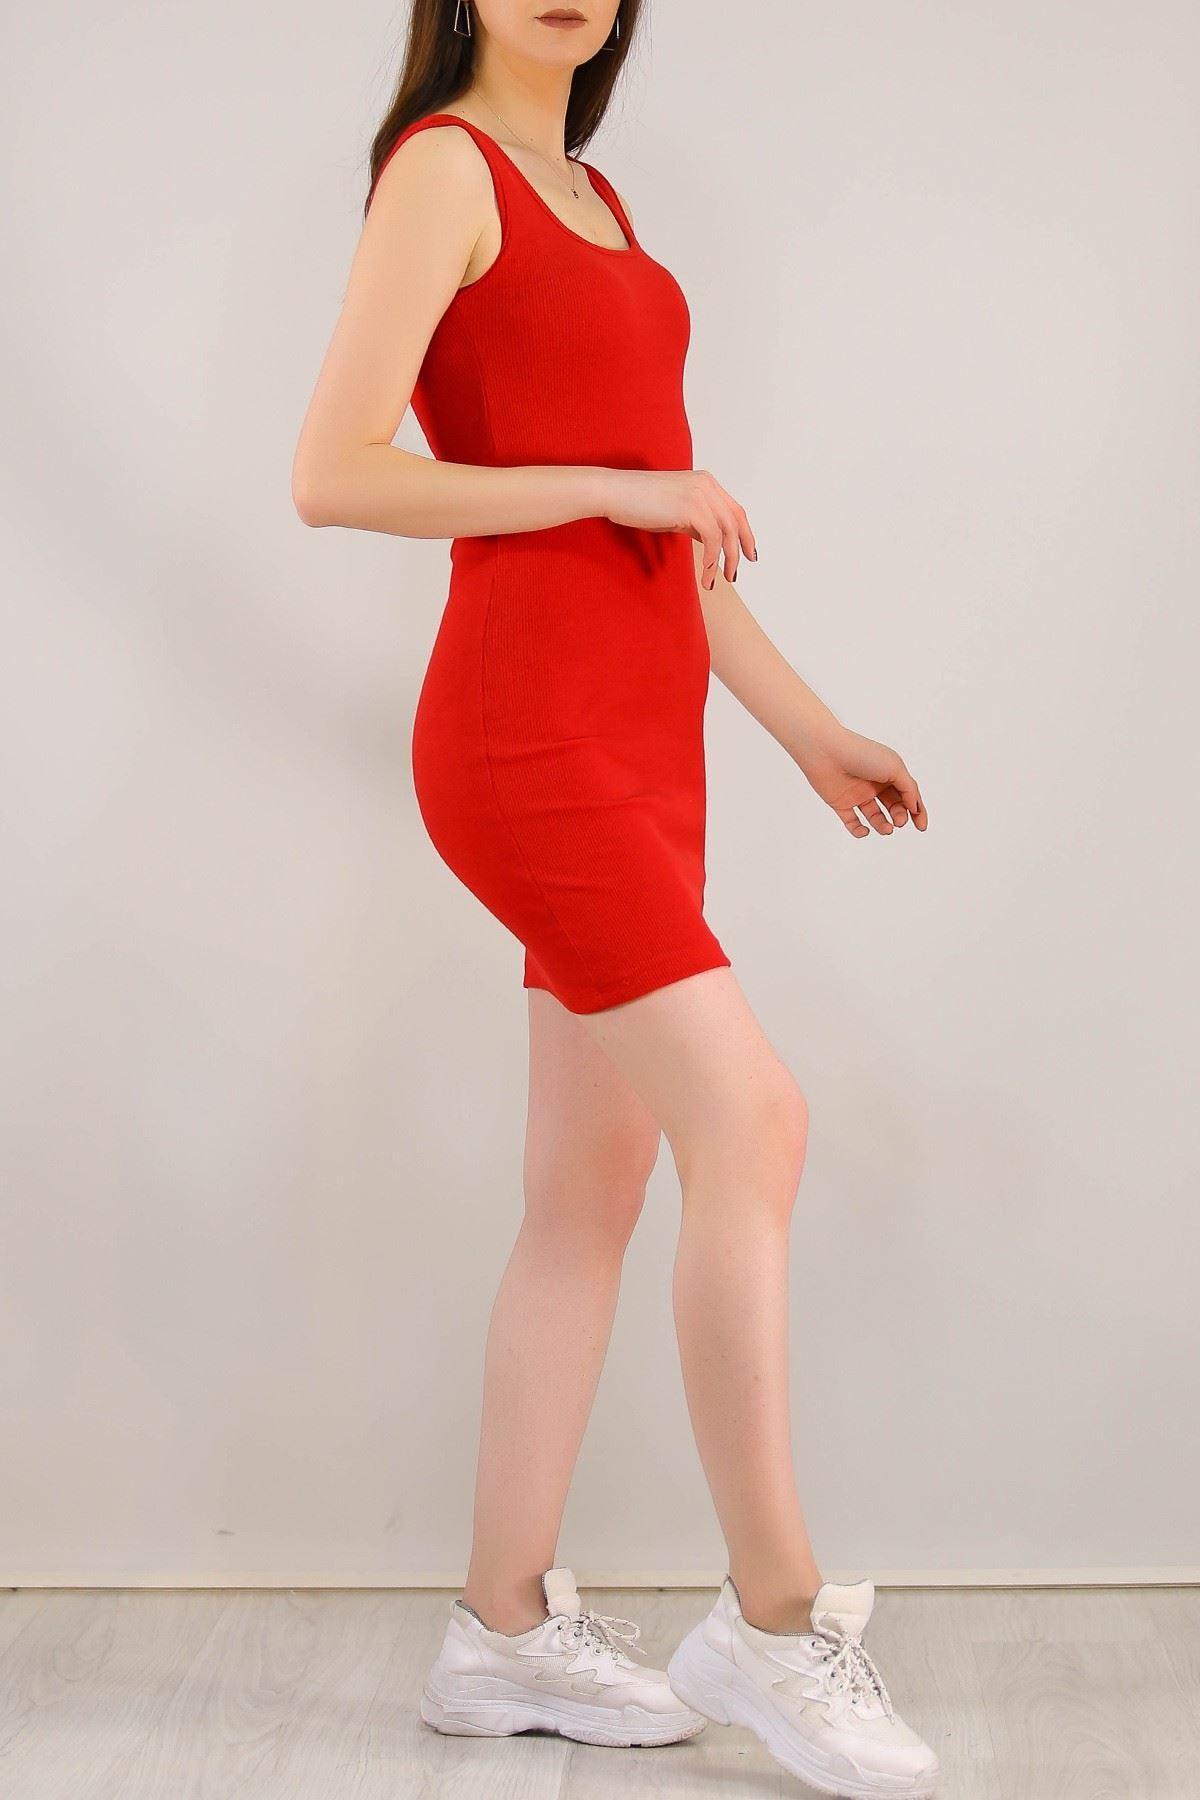 Kaşkorse Sıfır Kol Elbise Kırmızı - 5188.316.